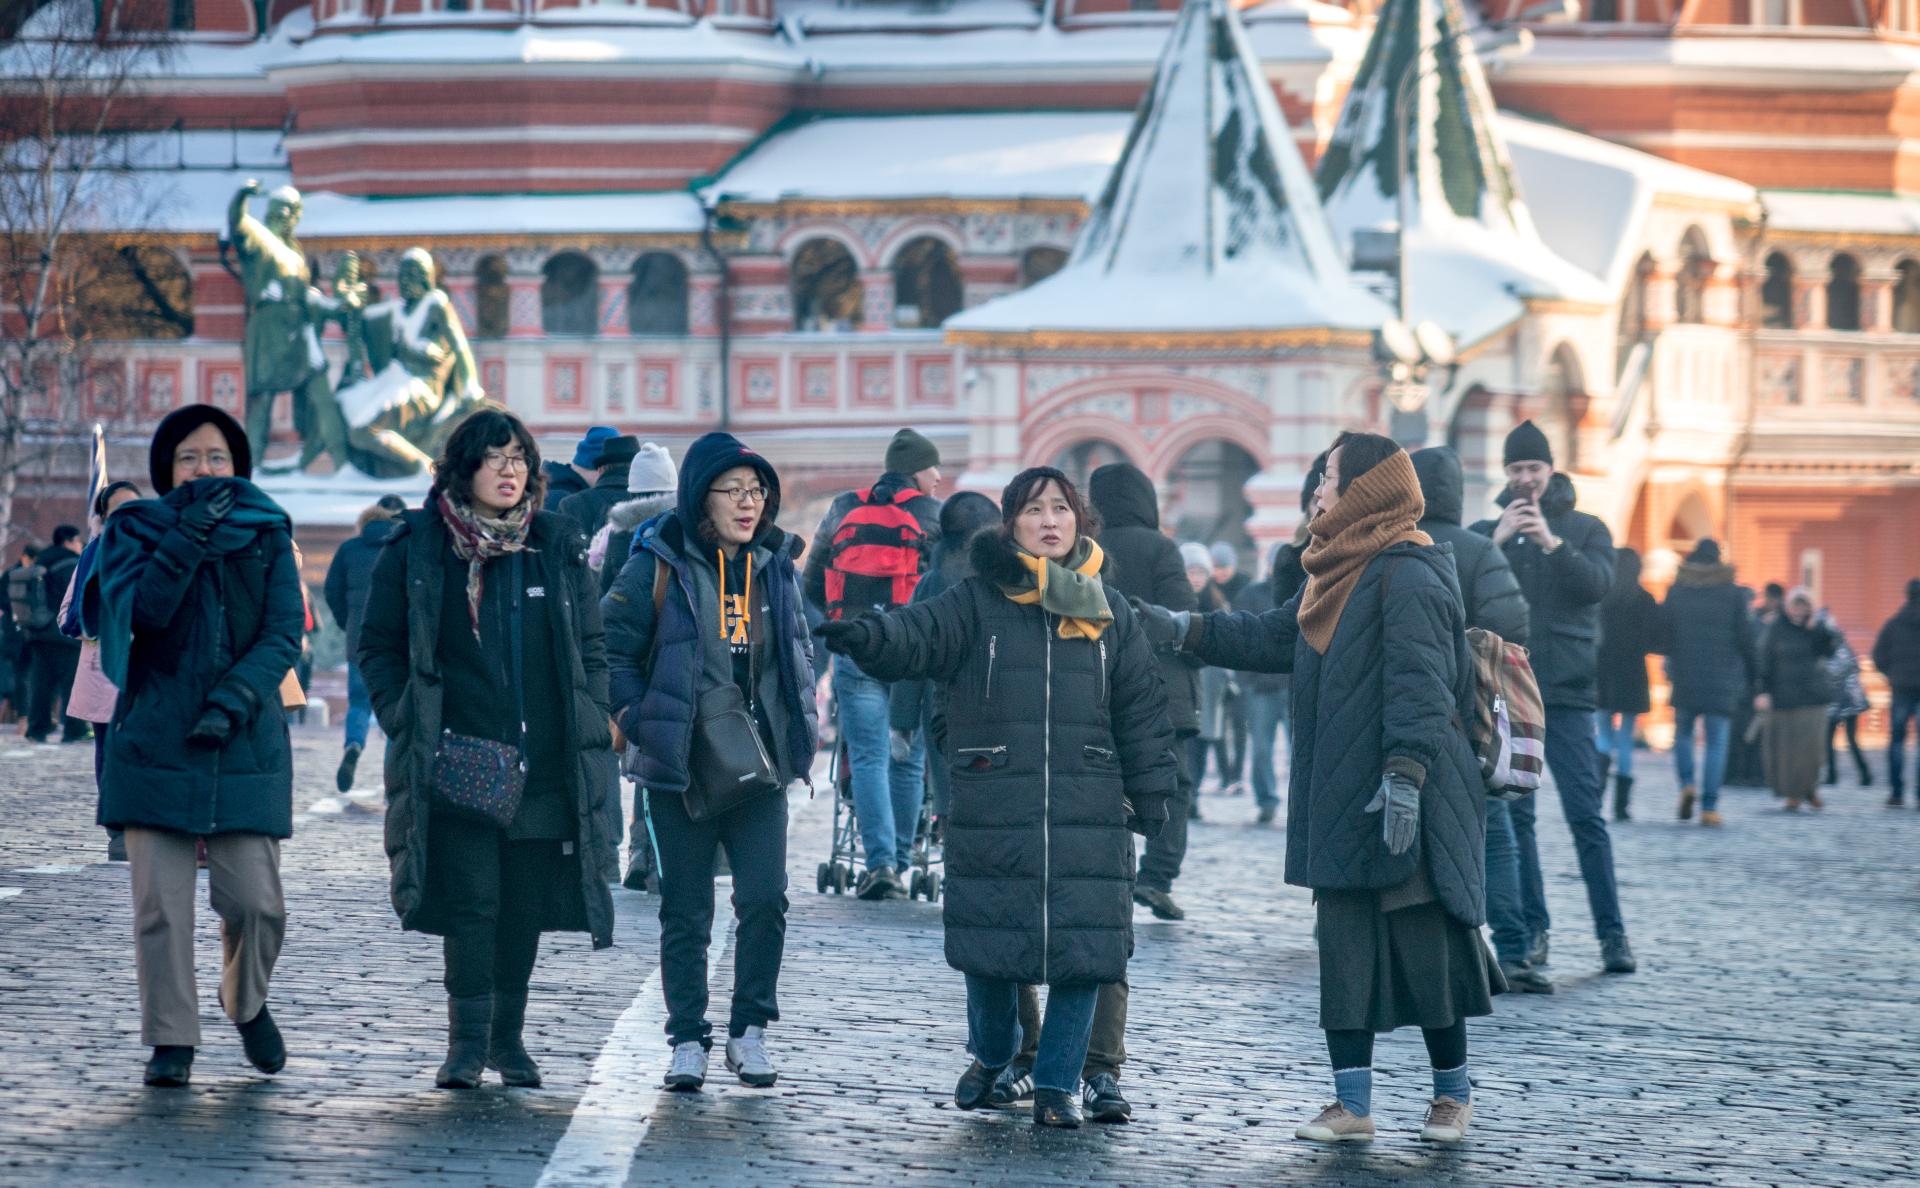 Минэкономразвития предложило виртуальную экономическую зону для туризма